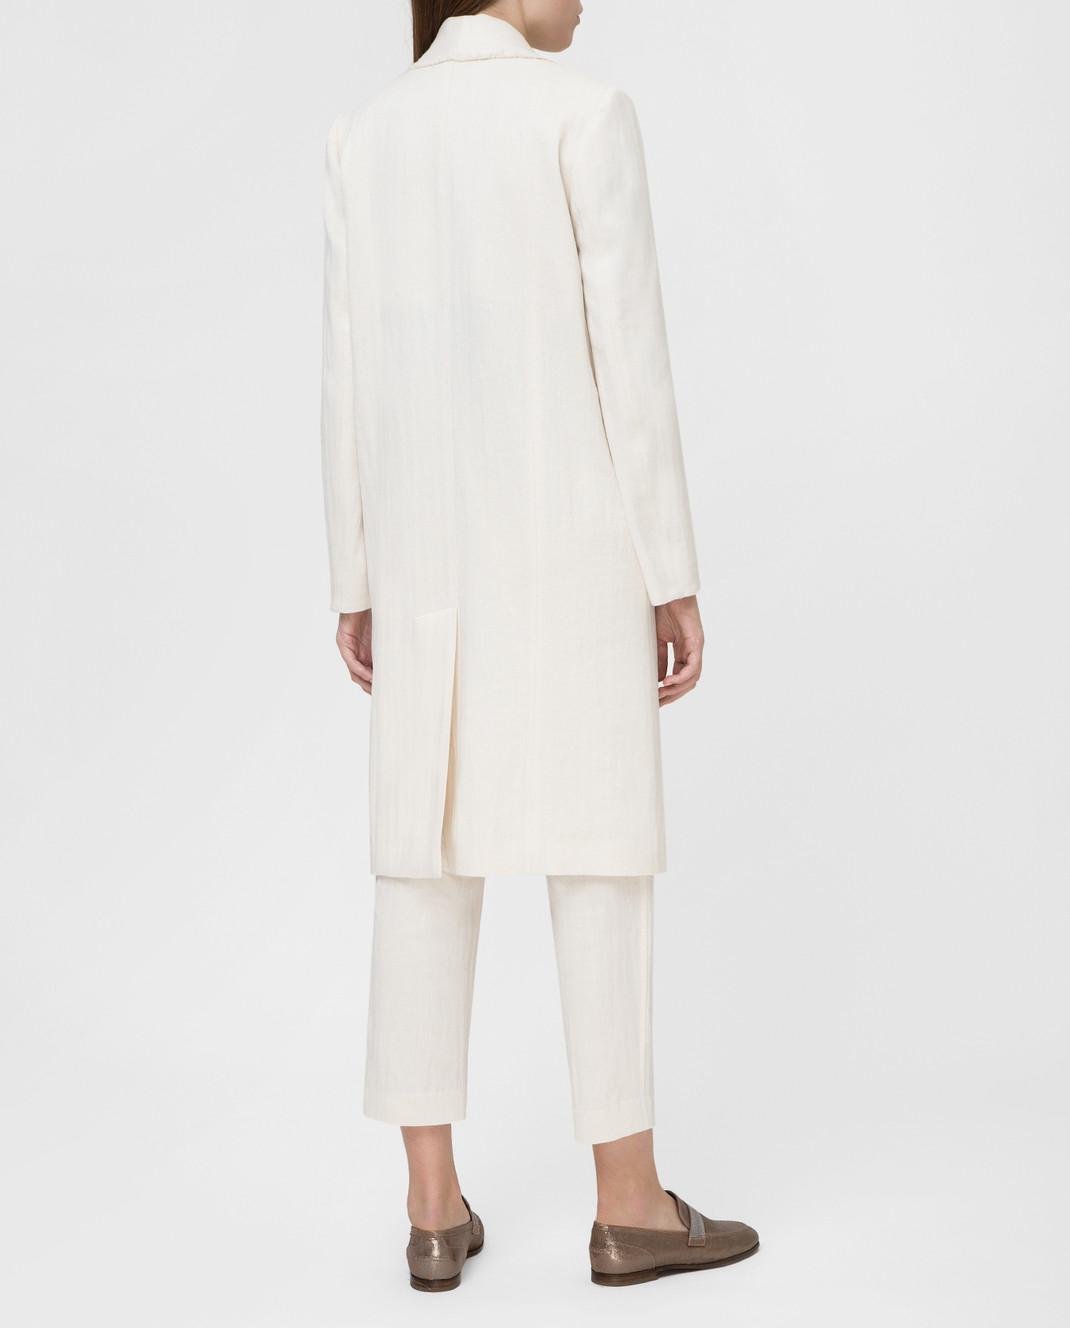 Brunello Cucinelli Белое пальто MF5779291 изображение 4